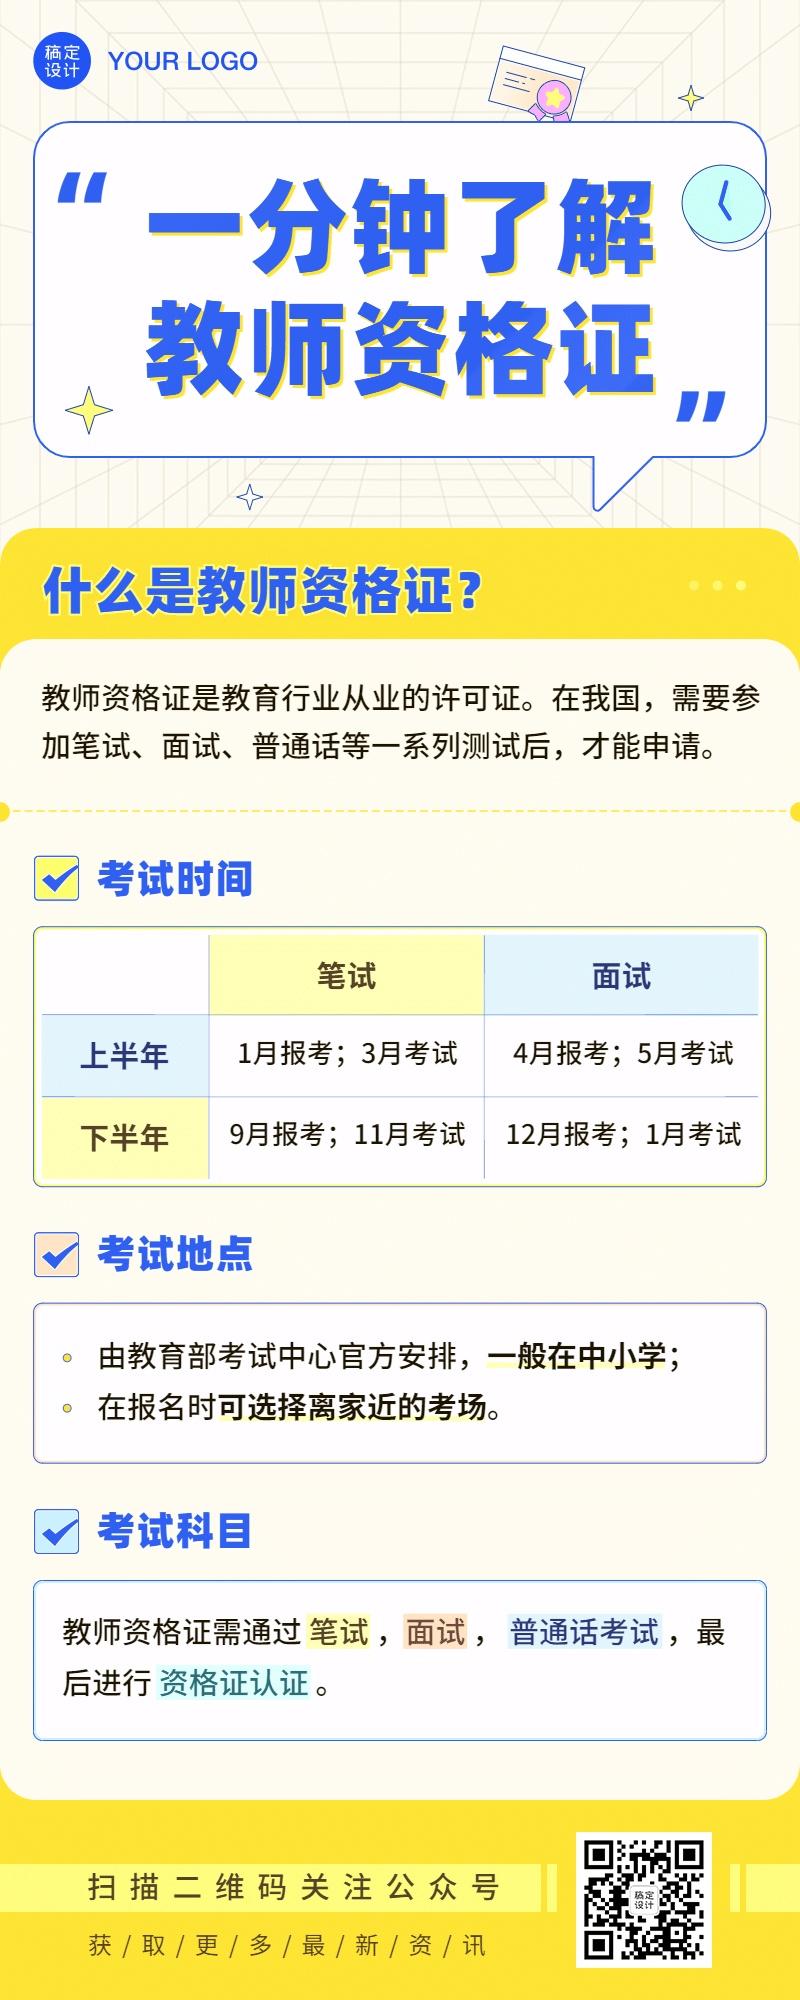 教师资格证考试时间安排长图